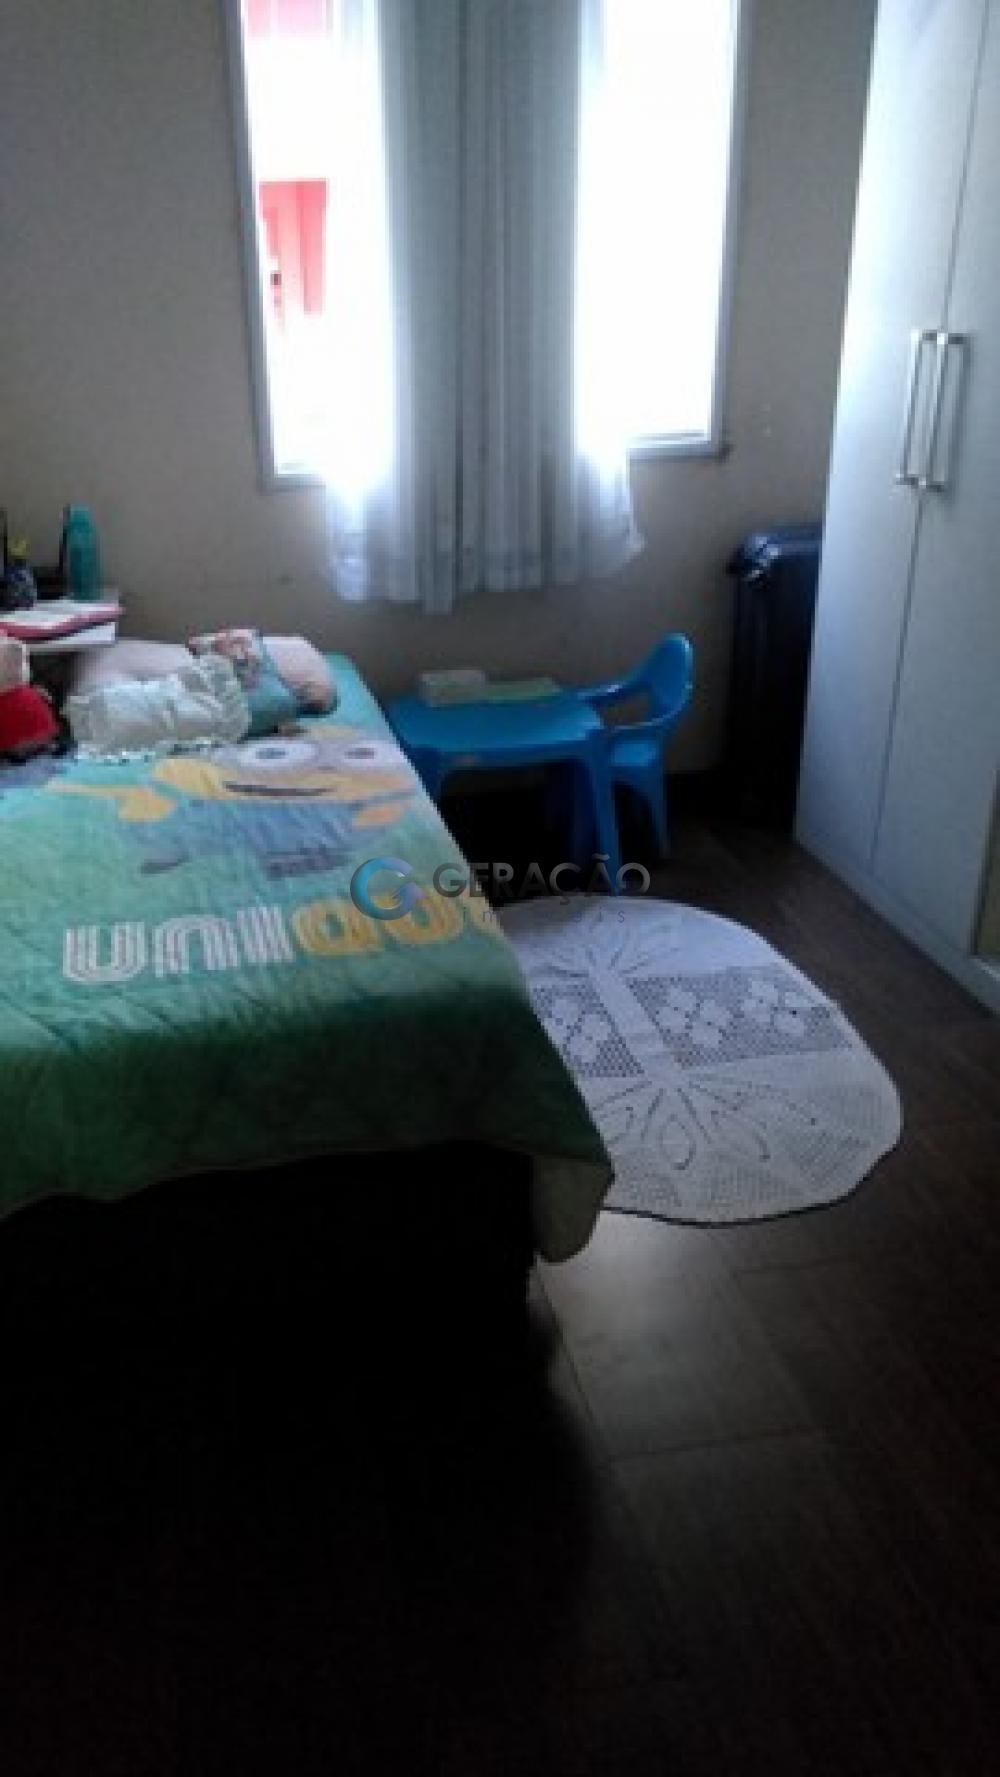 Comprar Apartamento / Padrão em São José dos Campos R$ 305.000,00 - Foto 15